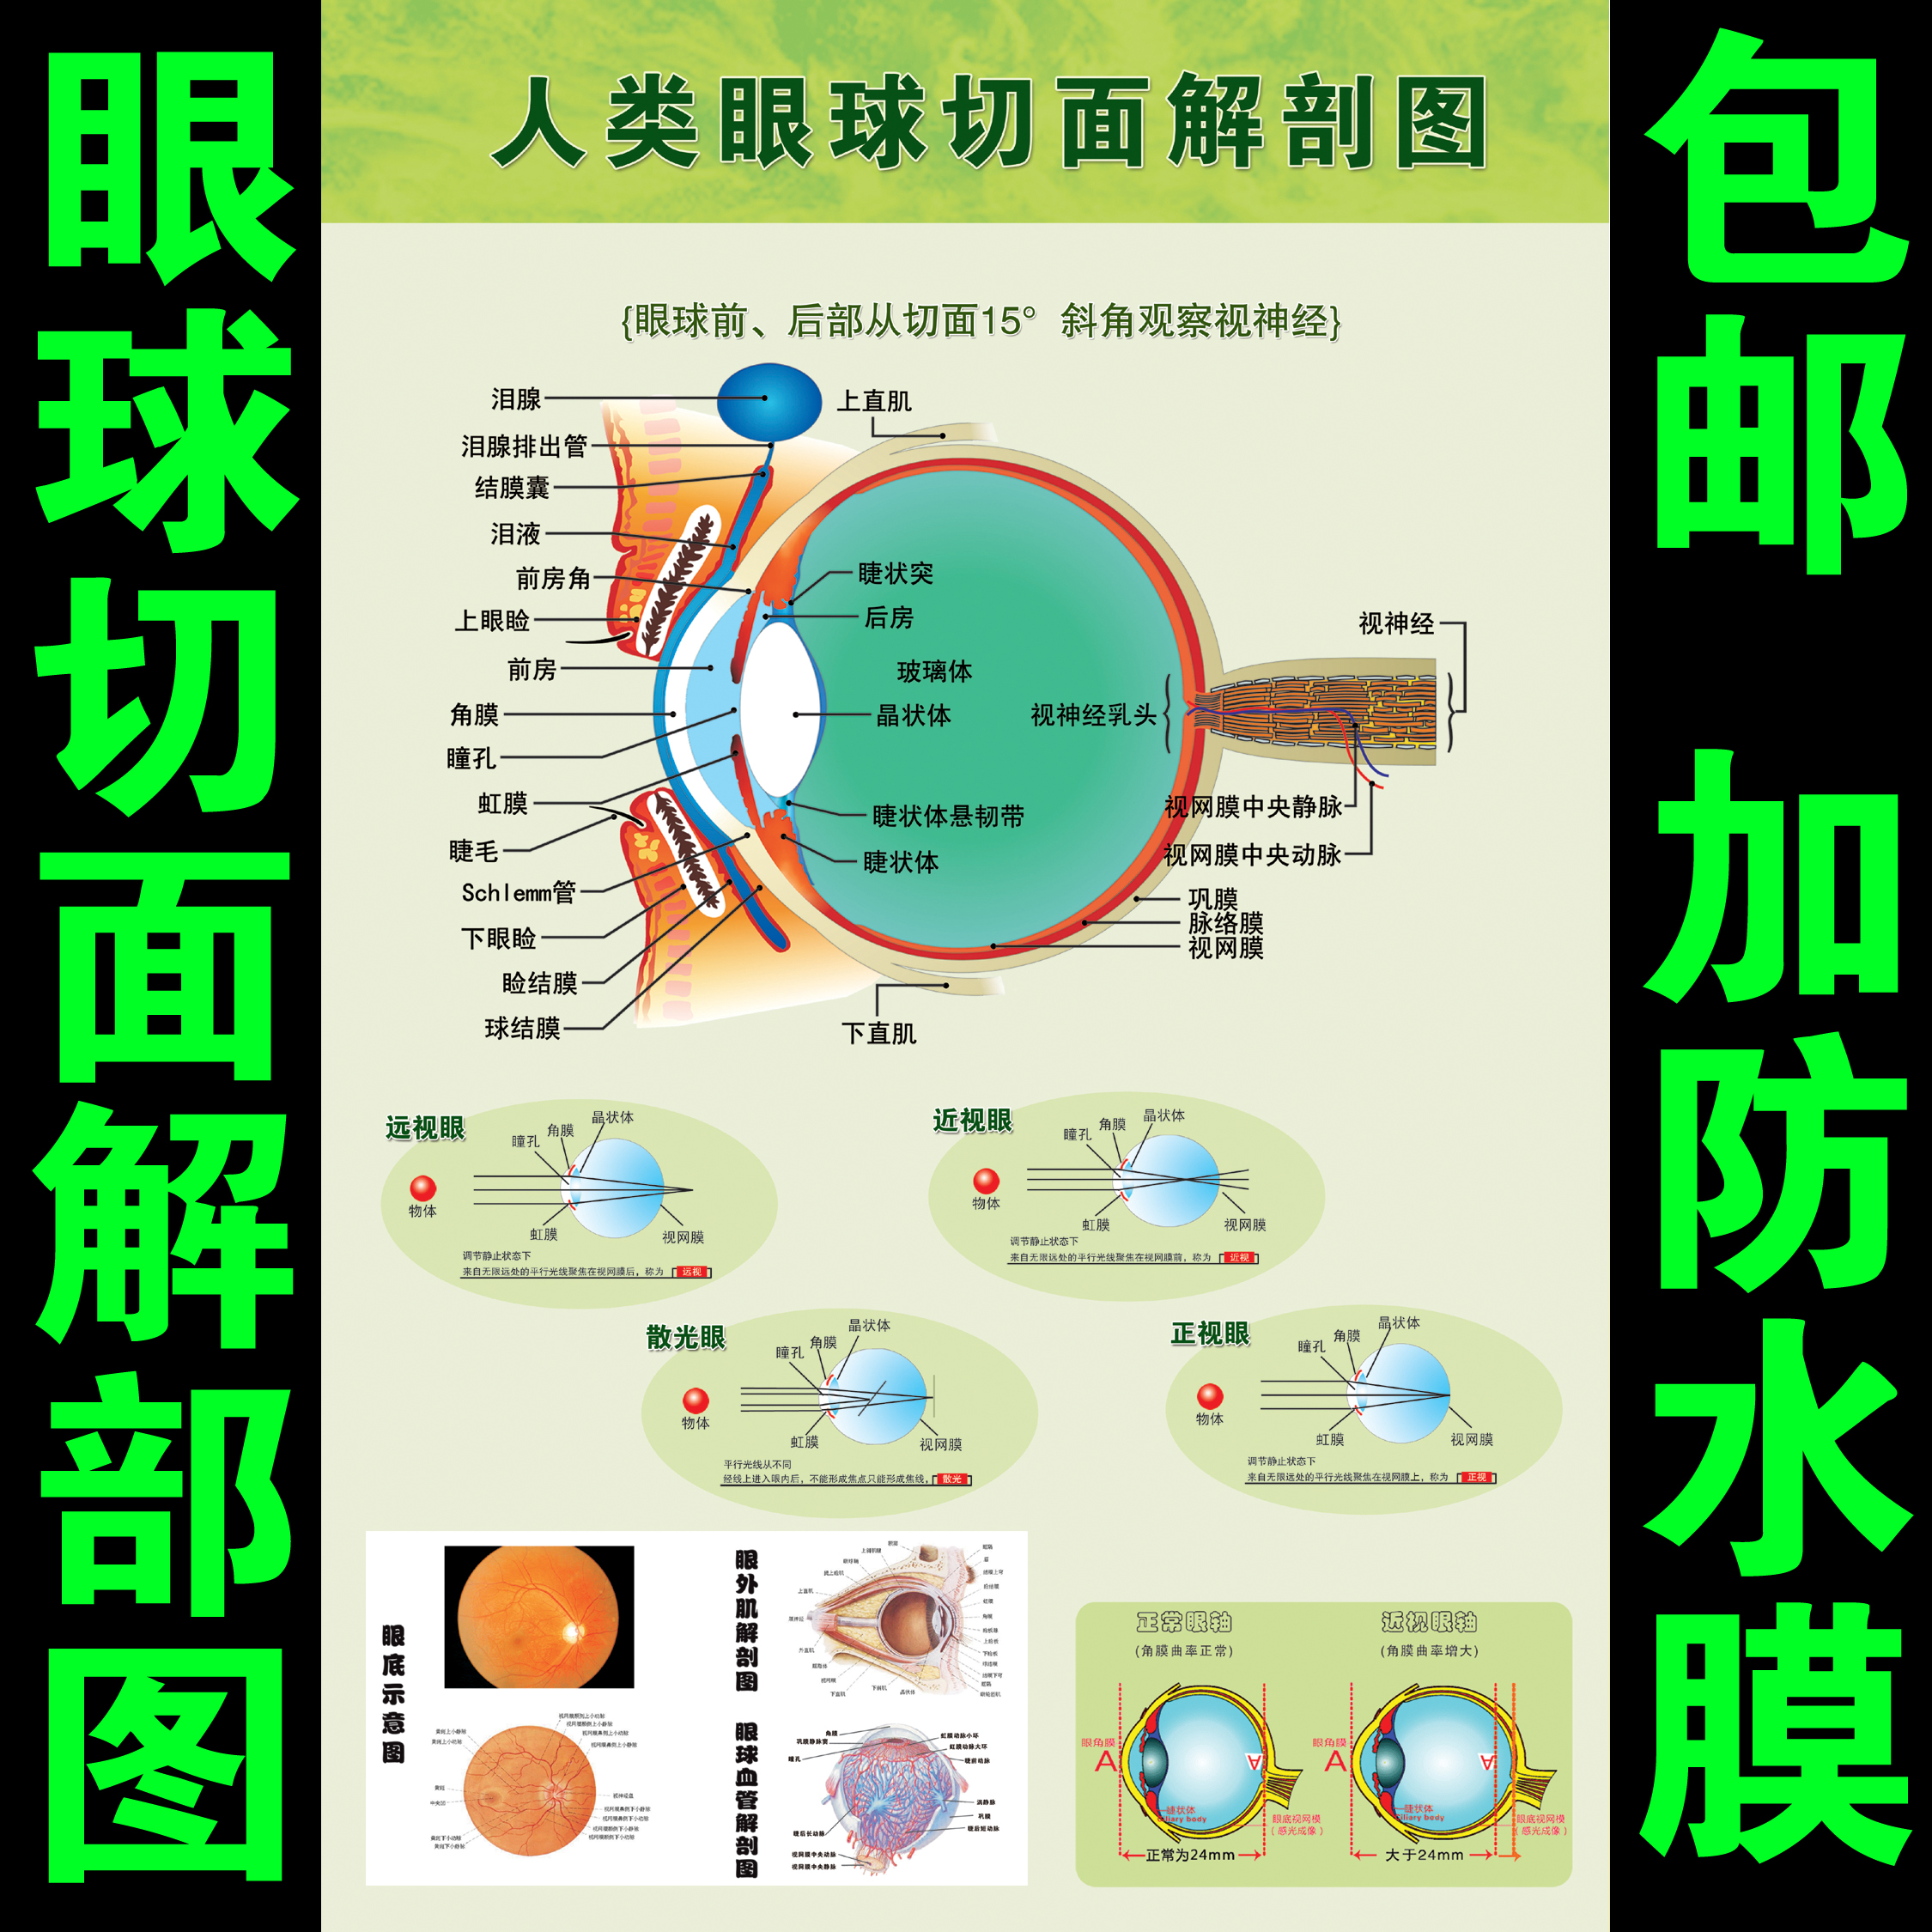 眼球解剖图泪腺分布图 人体眼部肌肉血管结构图 医院医学宣传海报